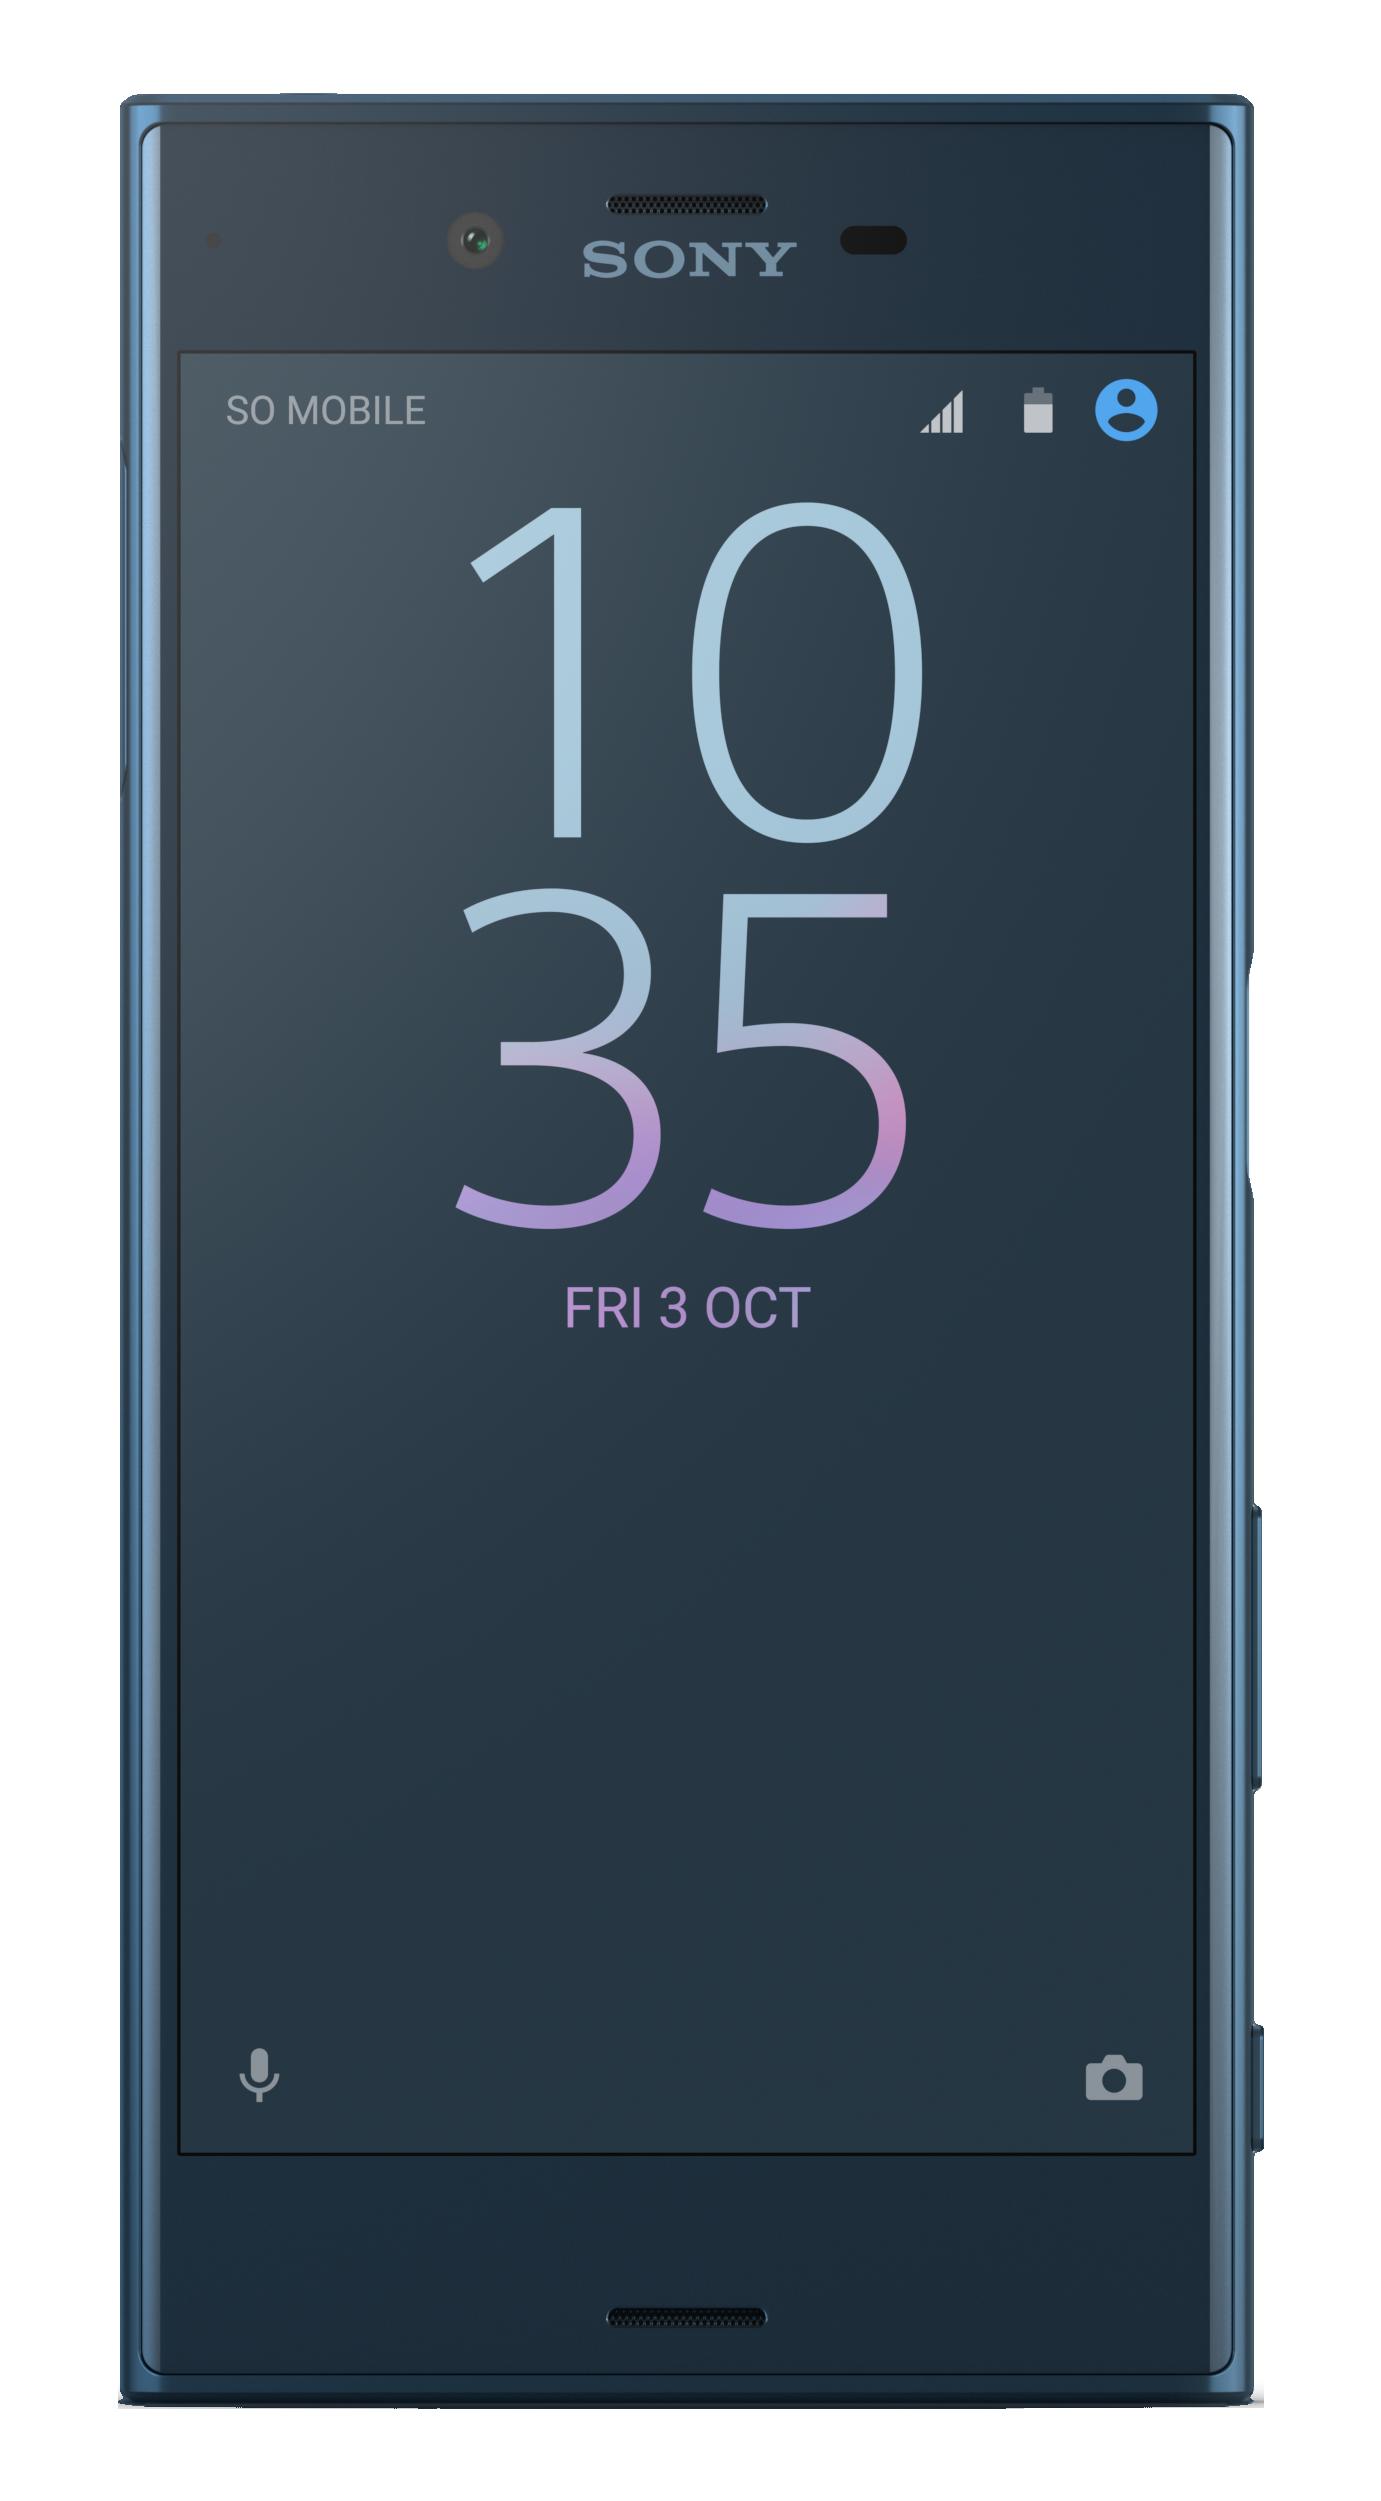 e0efc96968b9f0 Specs Sony Xperia XZ 13.2 cm (5.2